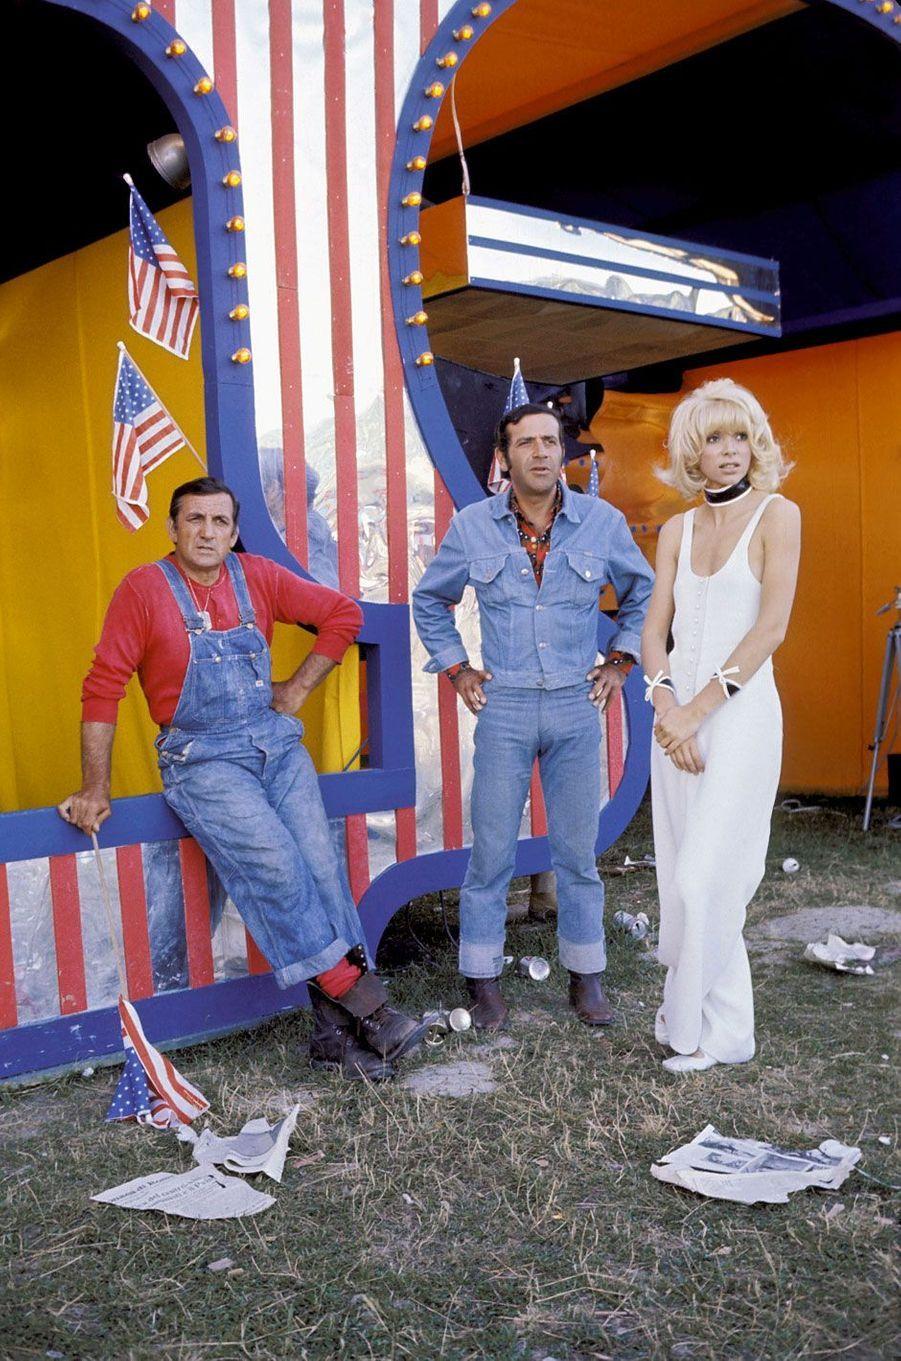 Lino Ventura, Mireille Darc et Jean Yanne sur le tournage de «Fantasia chez les ploucs»